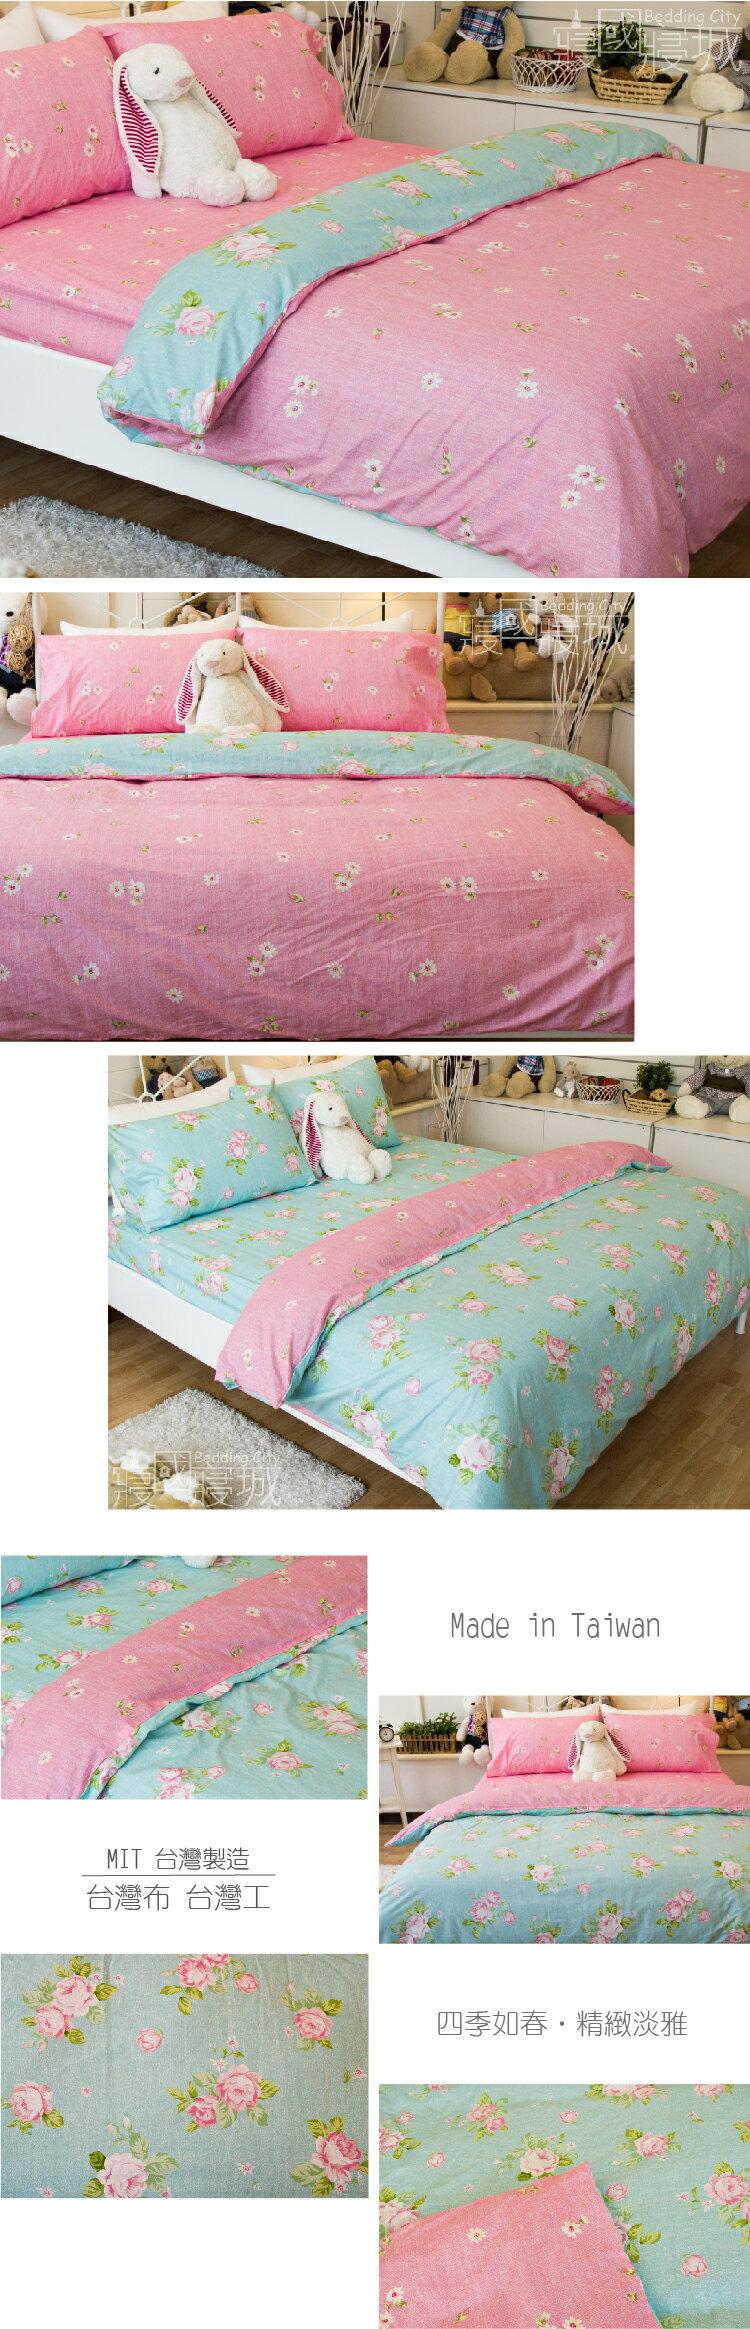 床包組/雙人/100%精梳棉-春天的氣息#粉色小花【大鐘印染、台灣製造】#精梳純綿 2